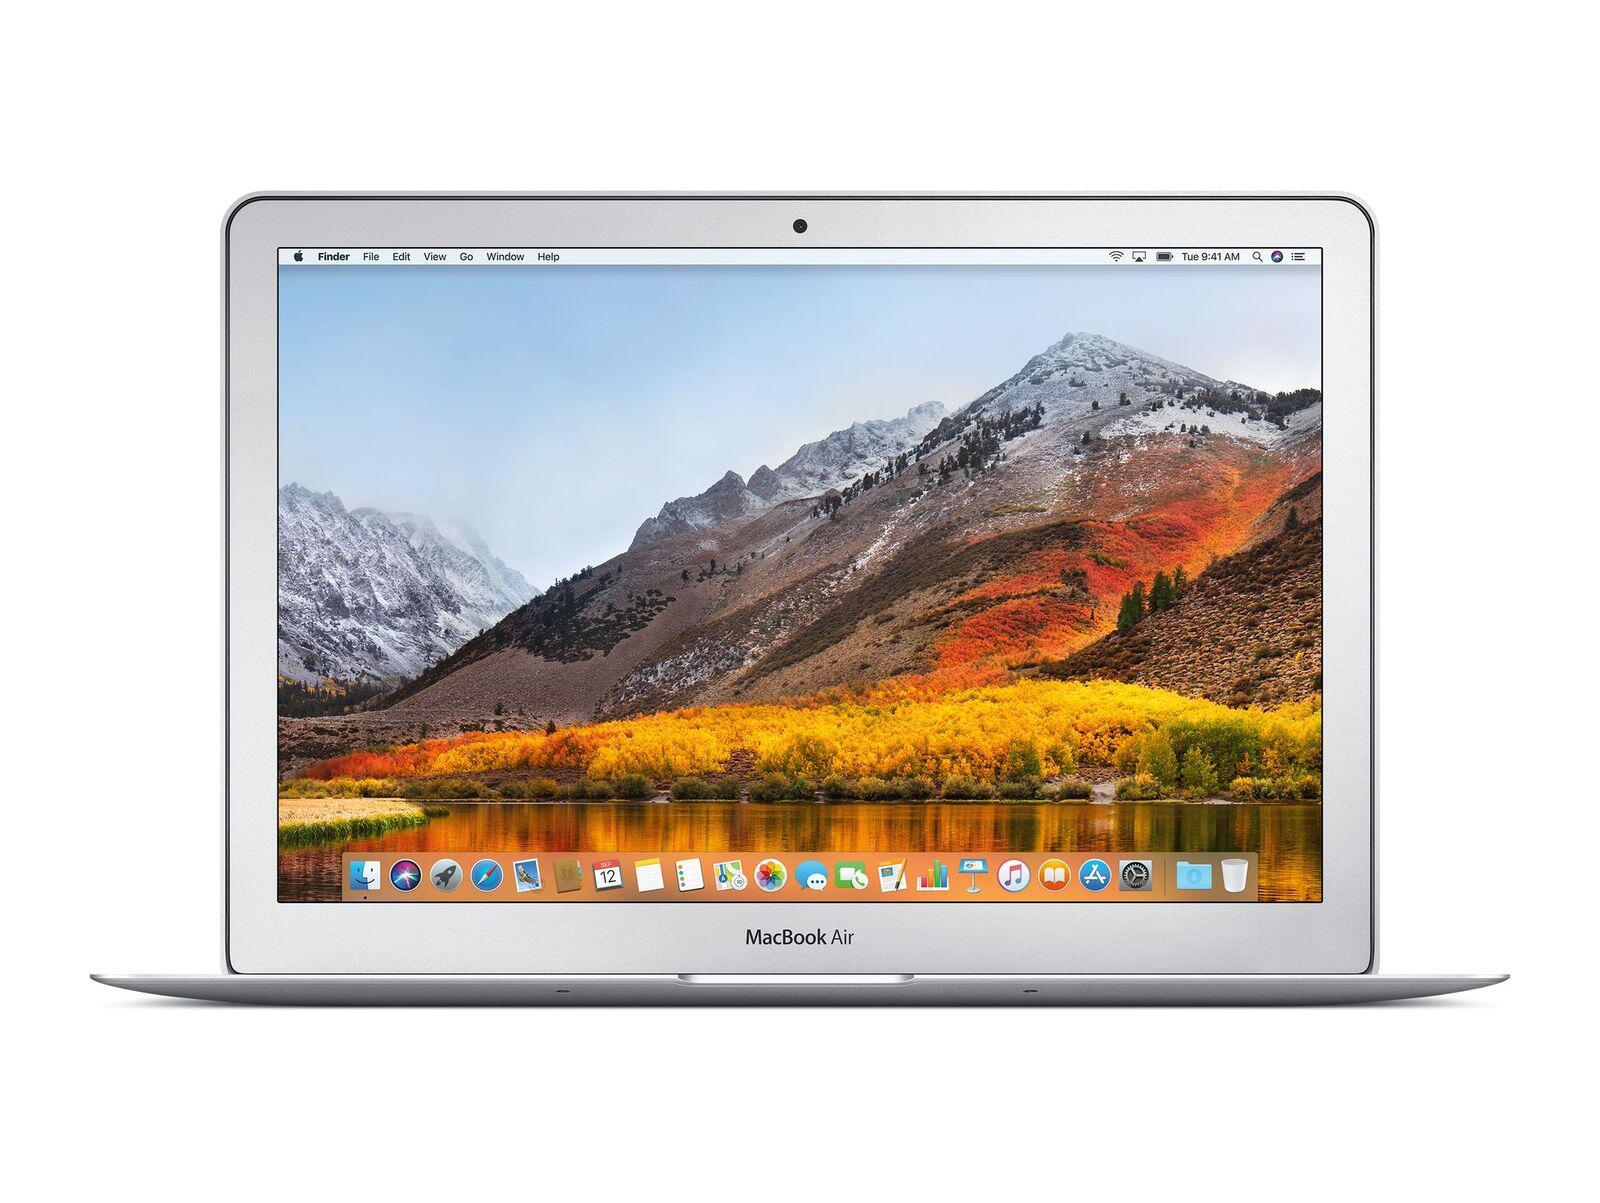 Bild zu Cyberweek, Cyber-Monday, Black Friday, Amazon, Schnäppchen, MacBook Air, Apple